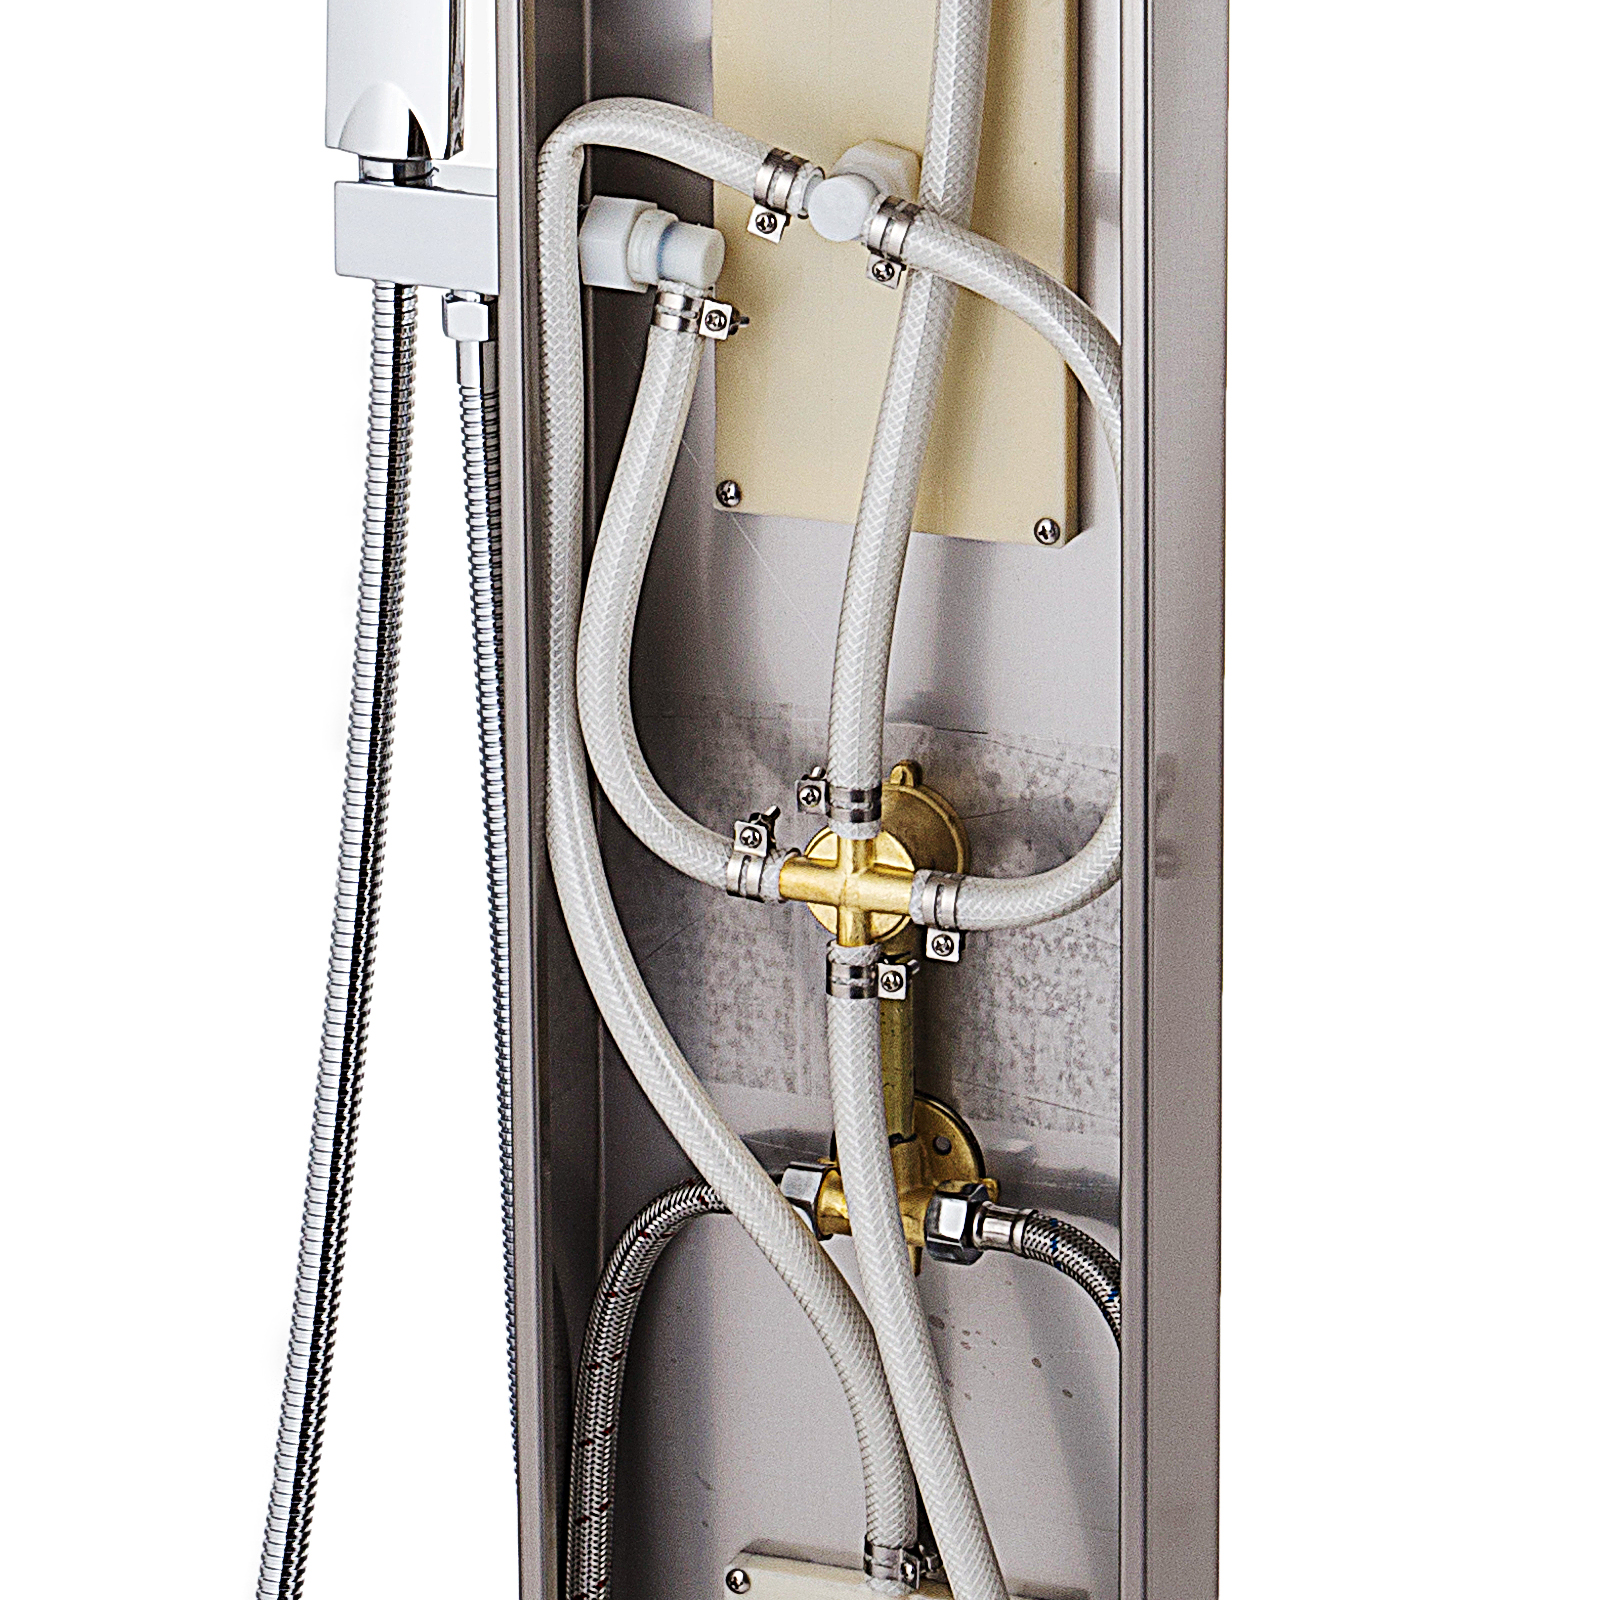 Pannello-doccia-idromassaggio-colonna-in-acciaio-inossidabile-con-miscelatore miniatura 59